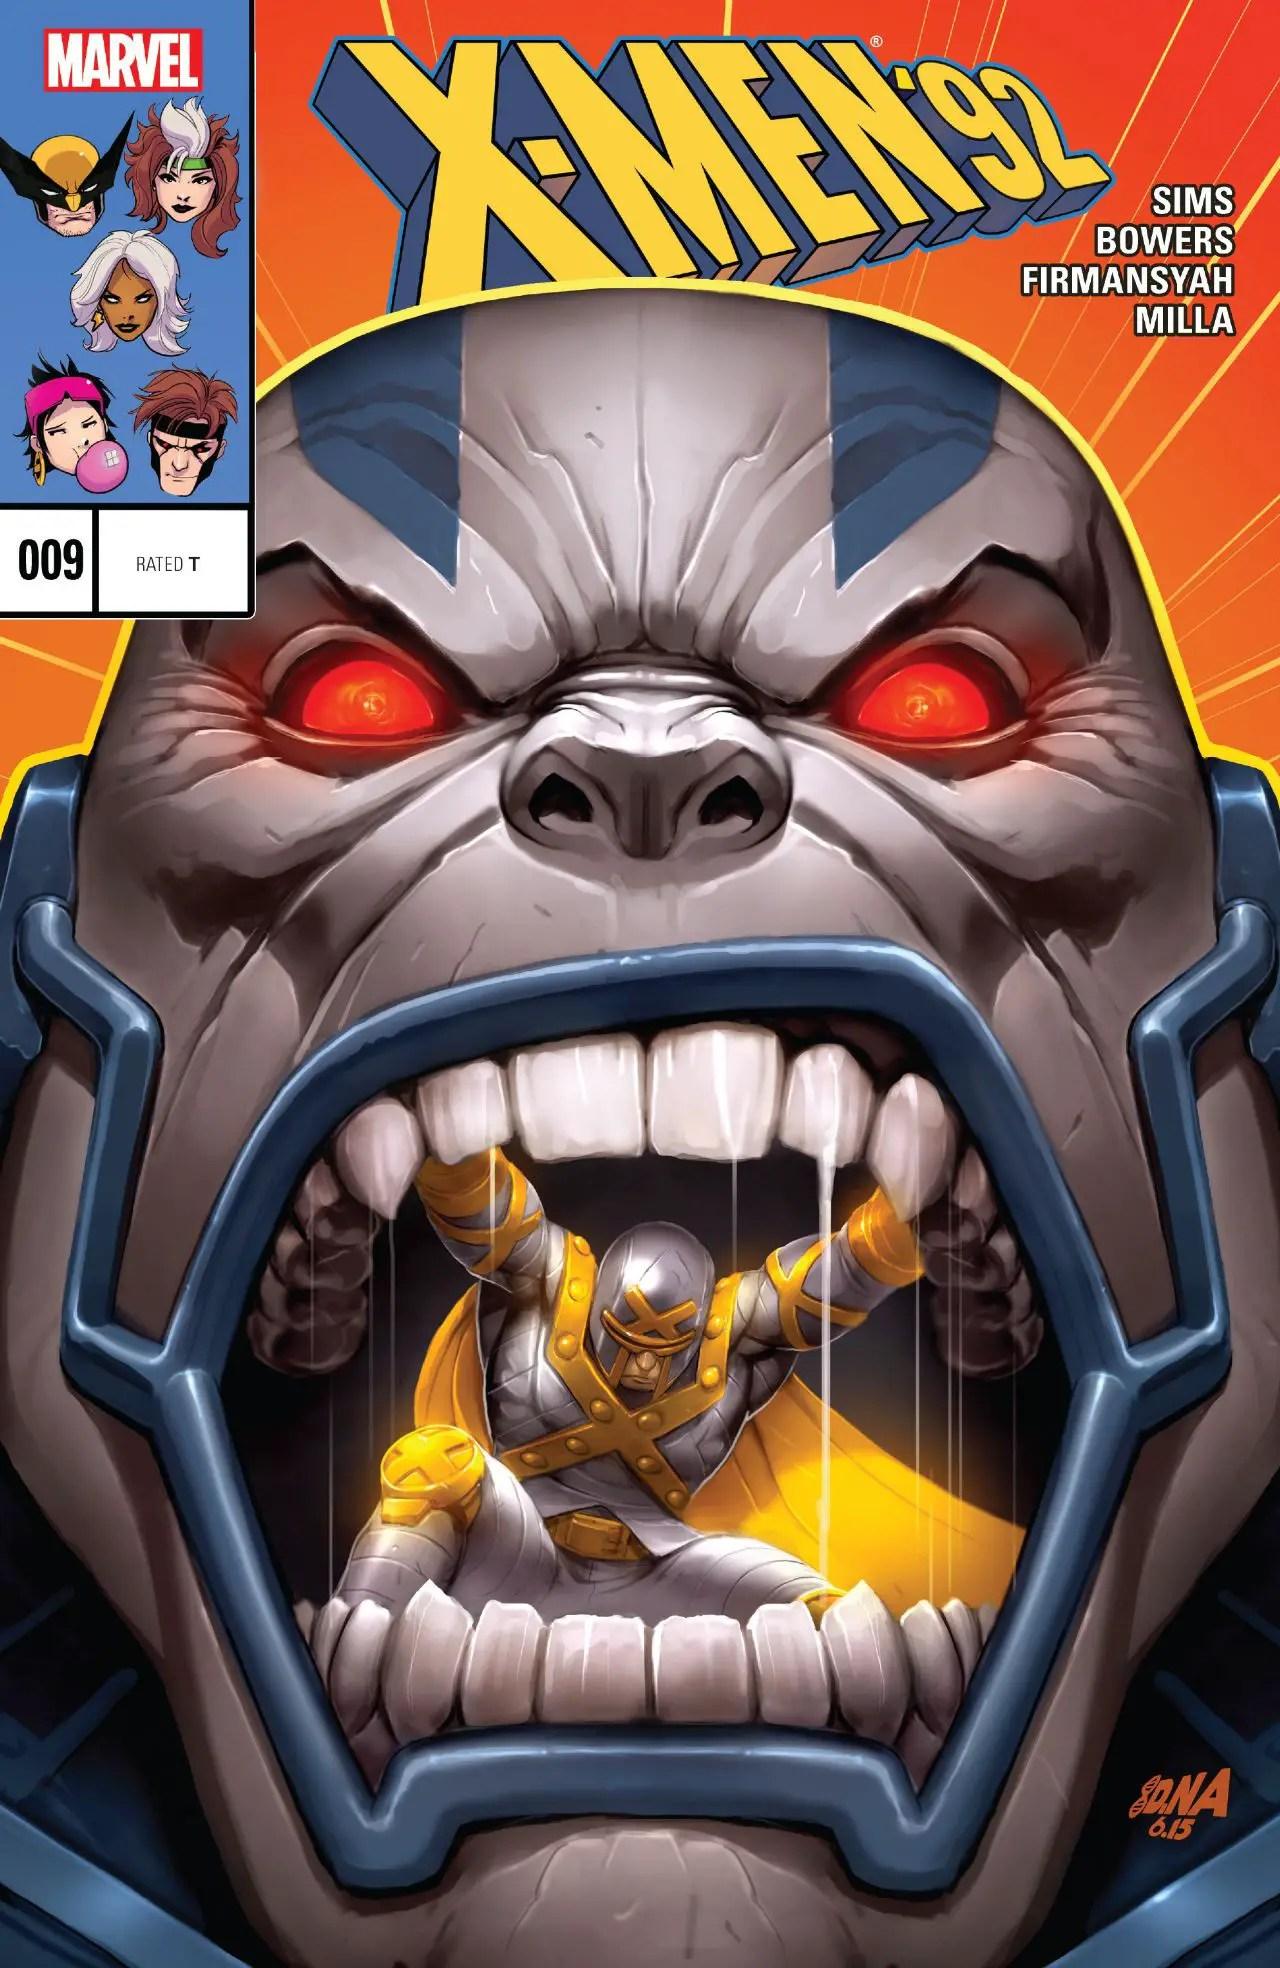 X-Men '92 Vol. 2: Lilapalooza Review